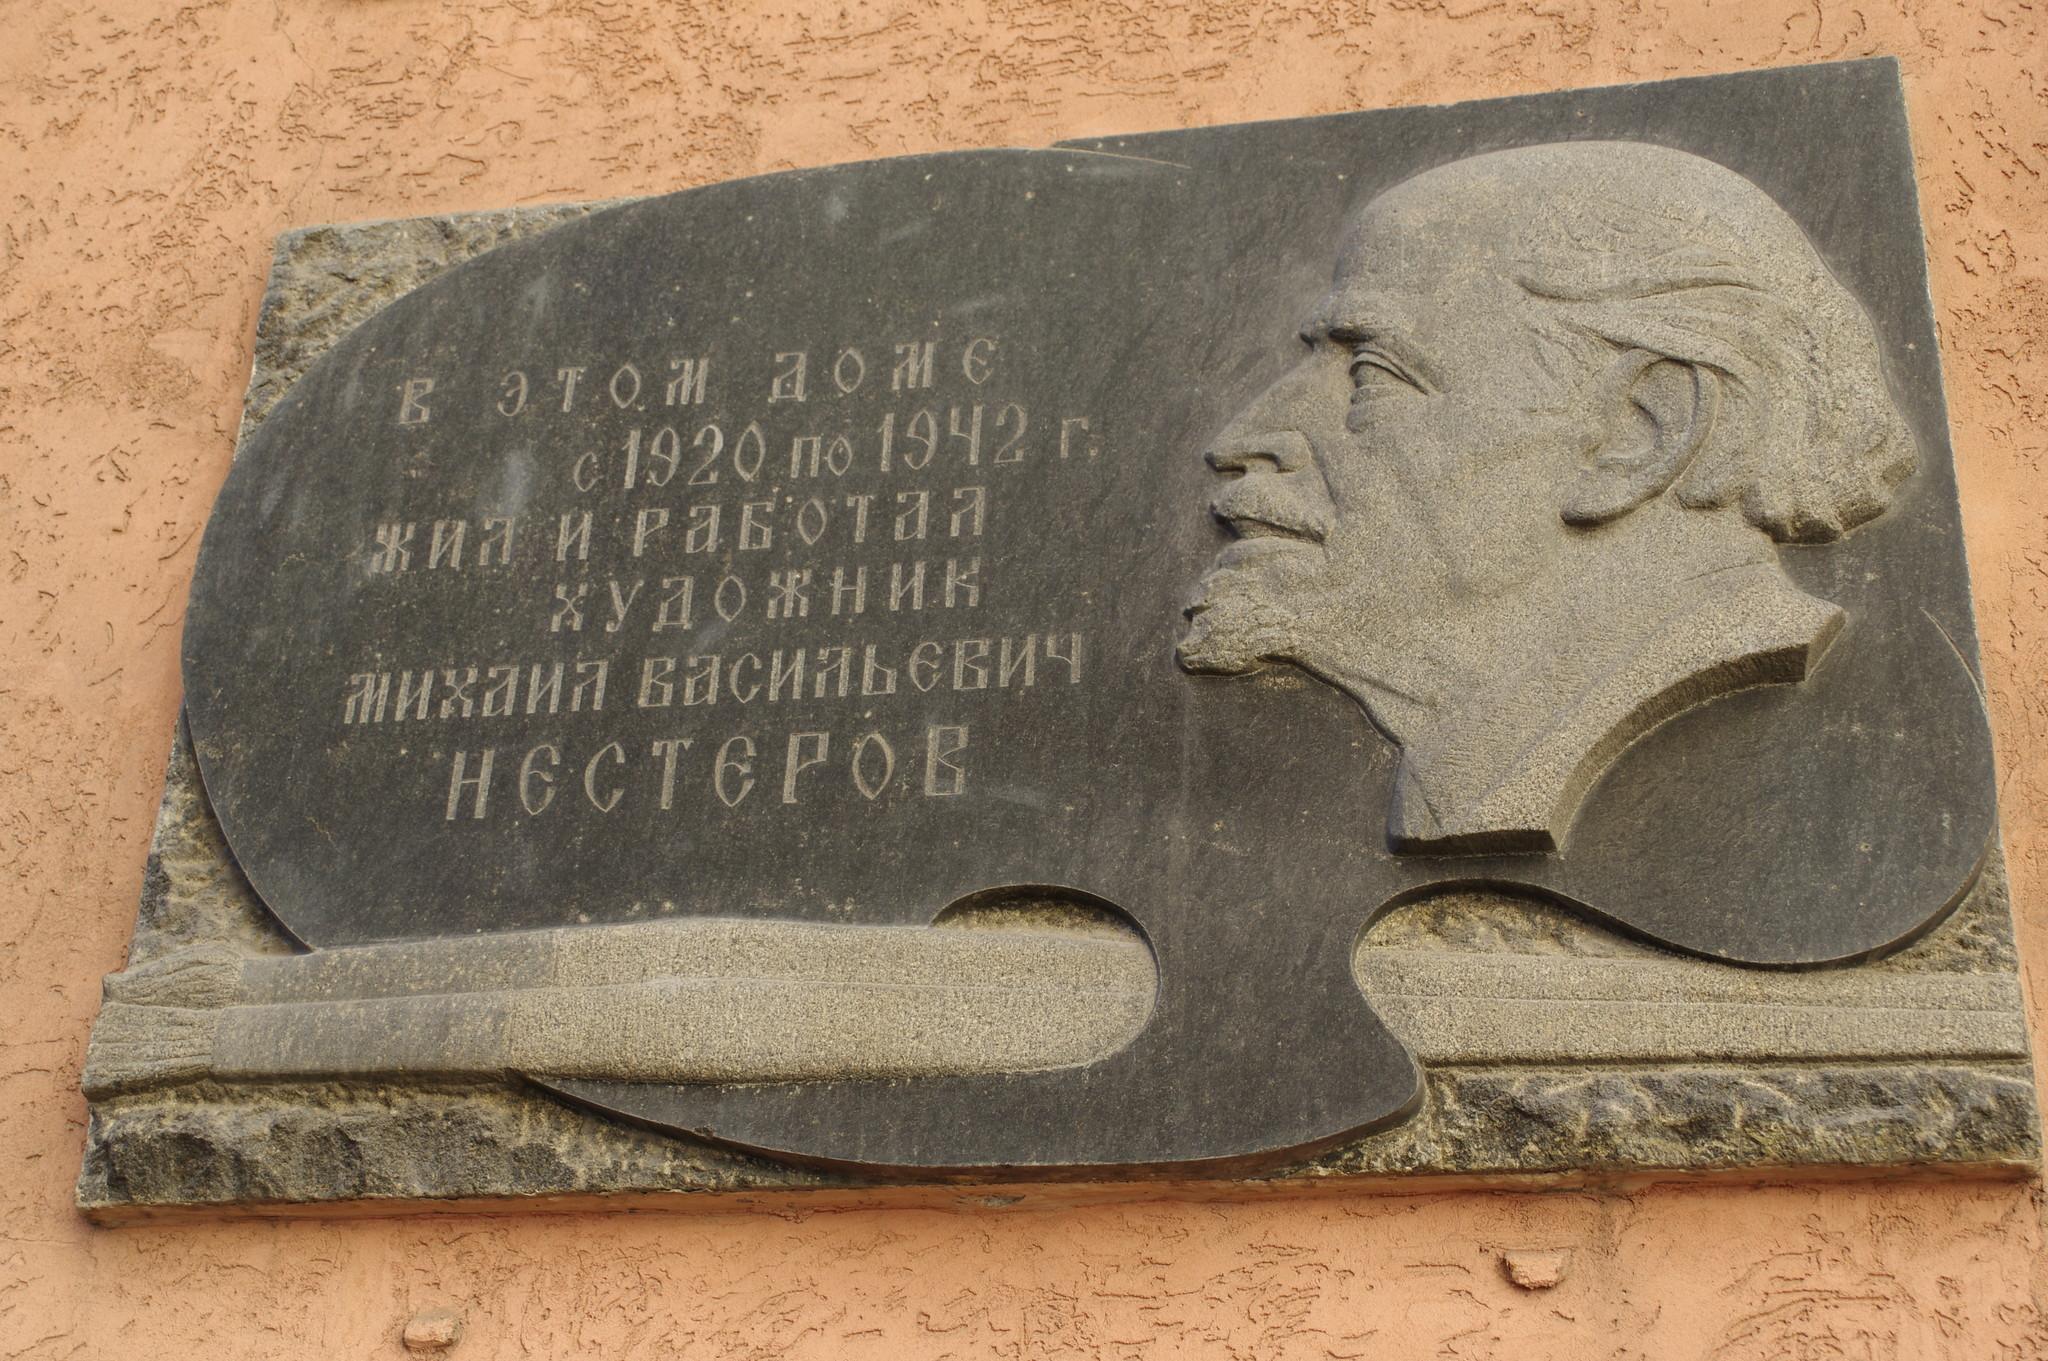 Мемориальная доска Михаилу Васильевичу Нестерову, установленная на стене дома № 43 в переулке Сивцев Вражек, где жил художник в квартире № 12